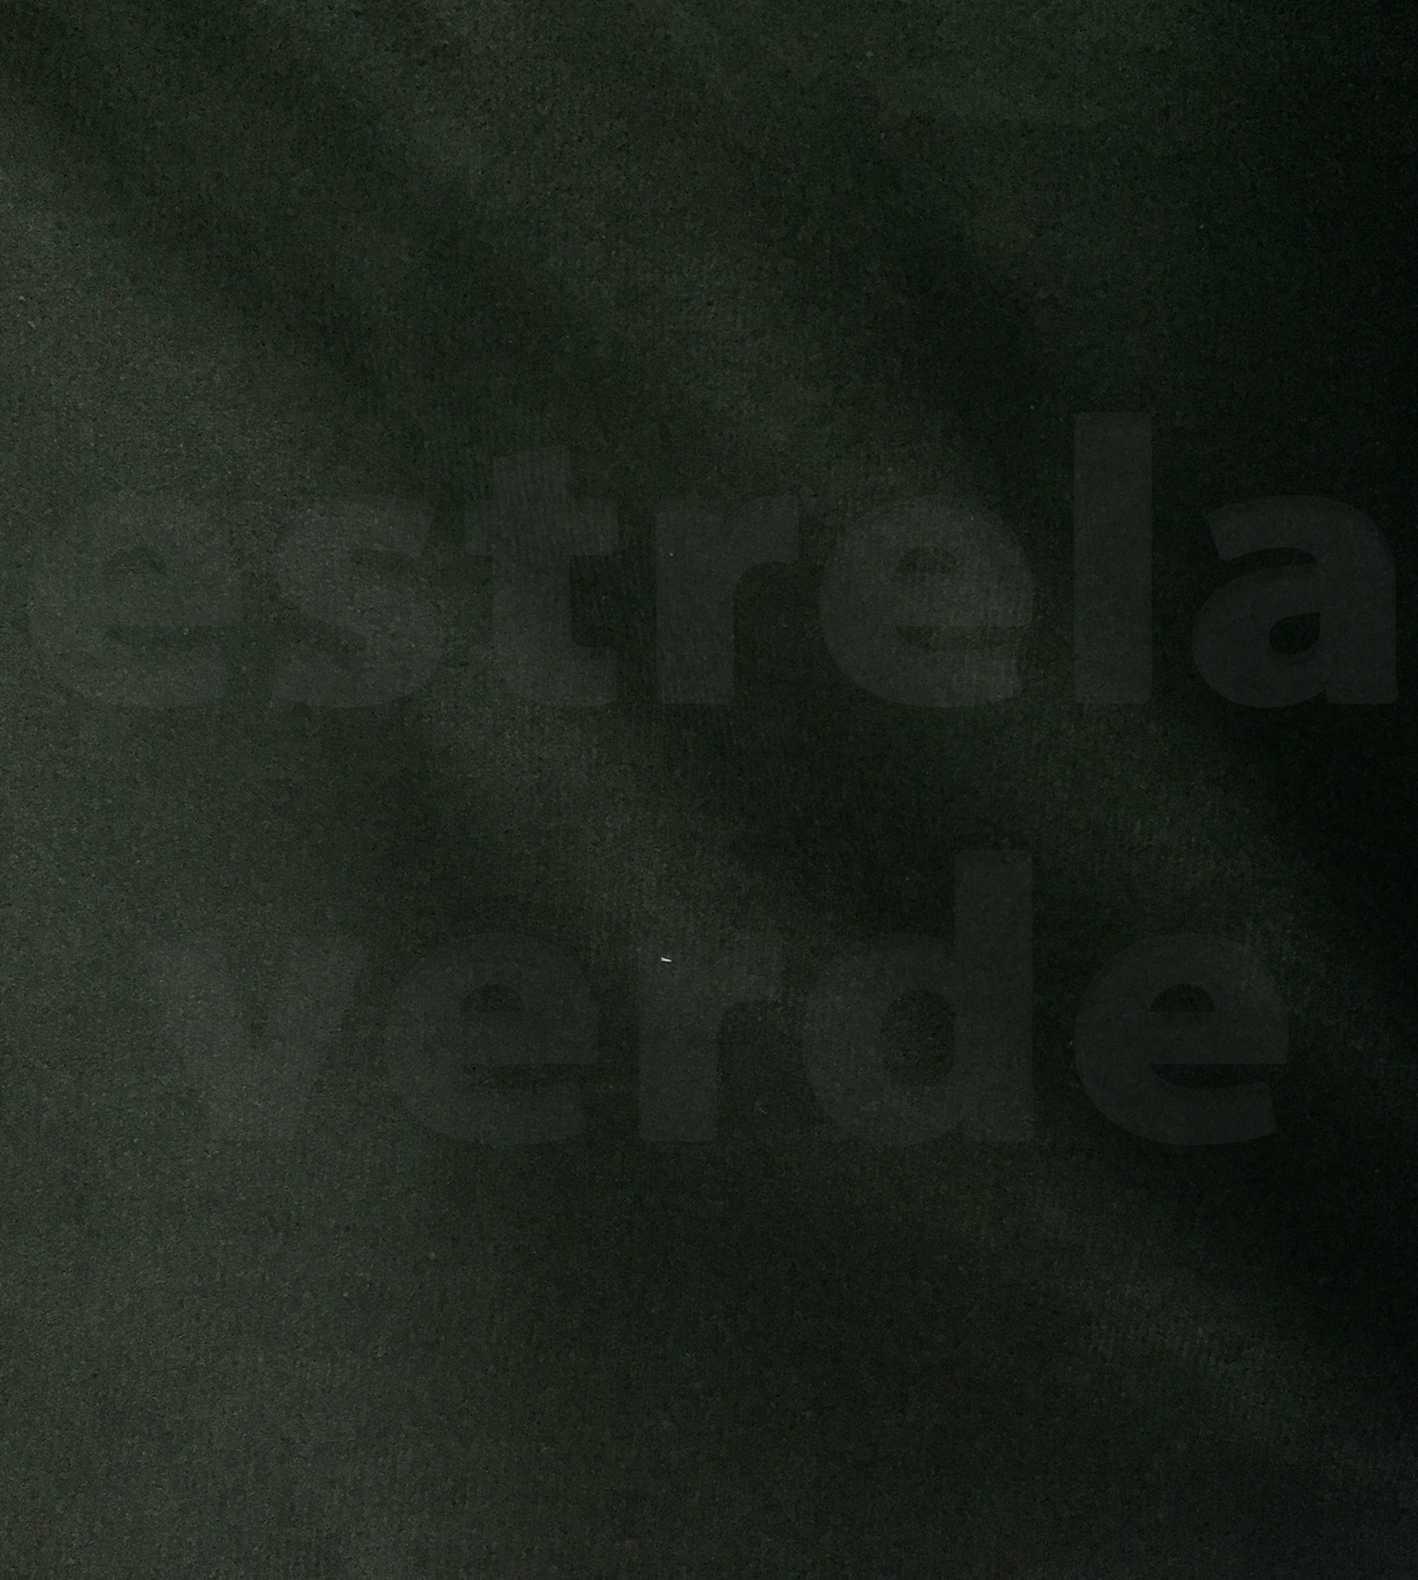 VELUDO VERDE ESCURO 260  - Estrela Verde